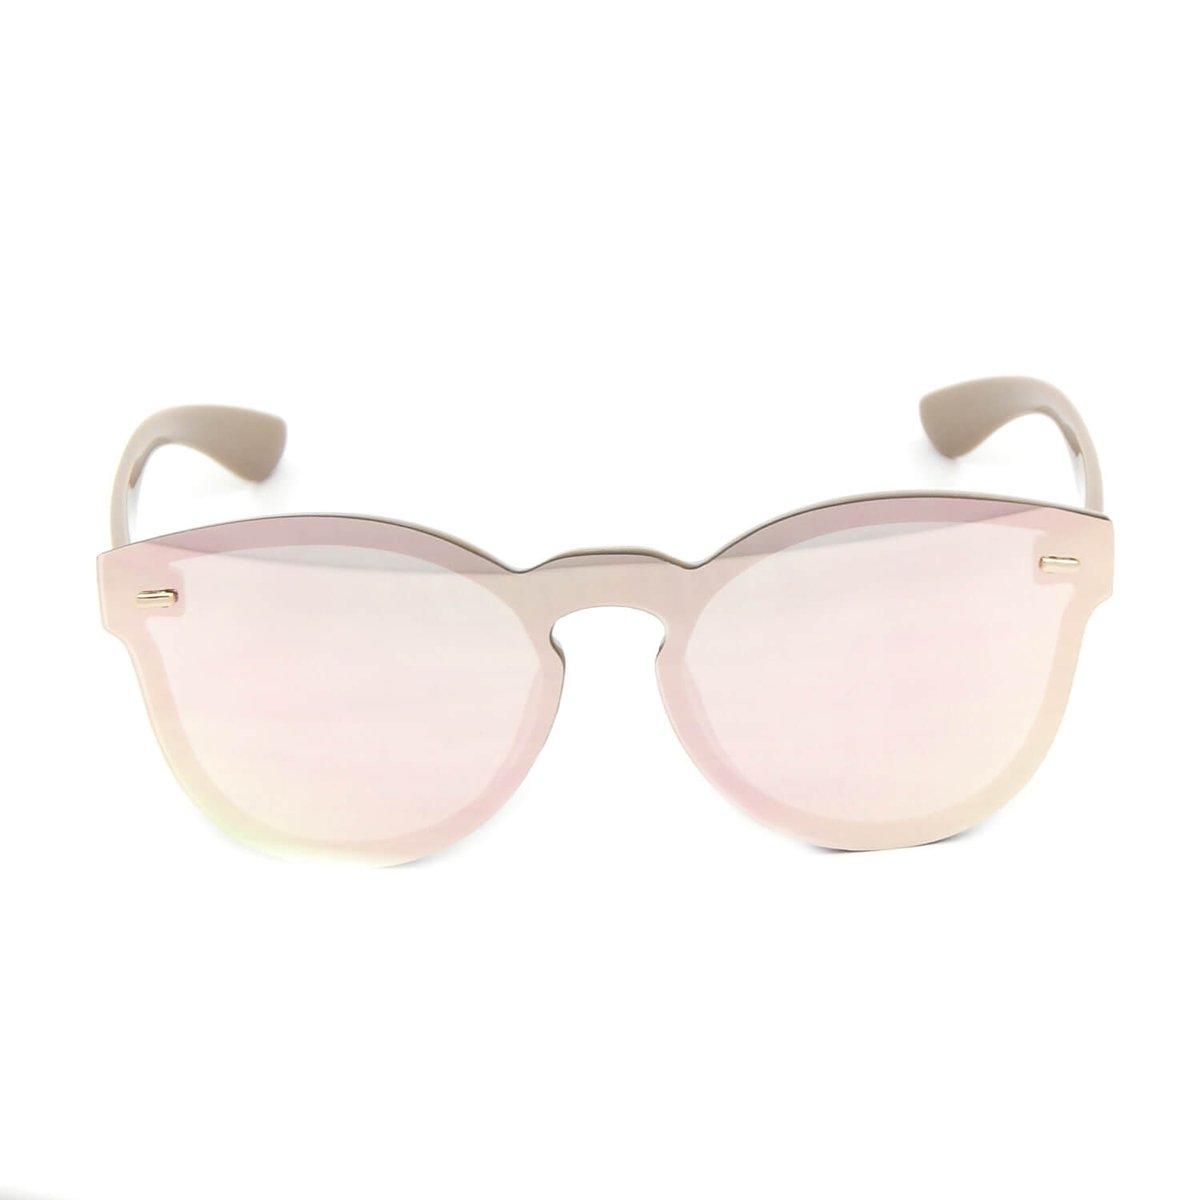 Óculos Bijoulux de Sol Lente Flat - Compre Agora   Netshoes ef76919258